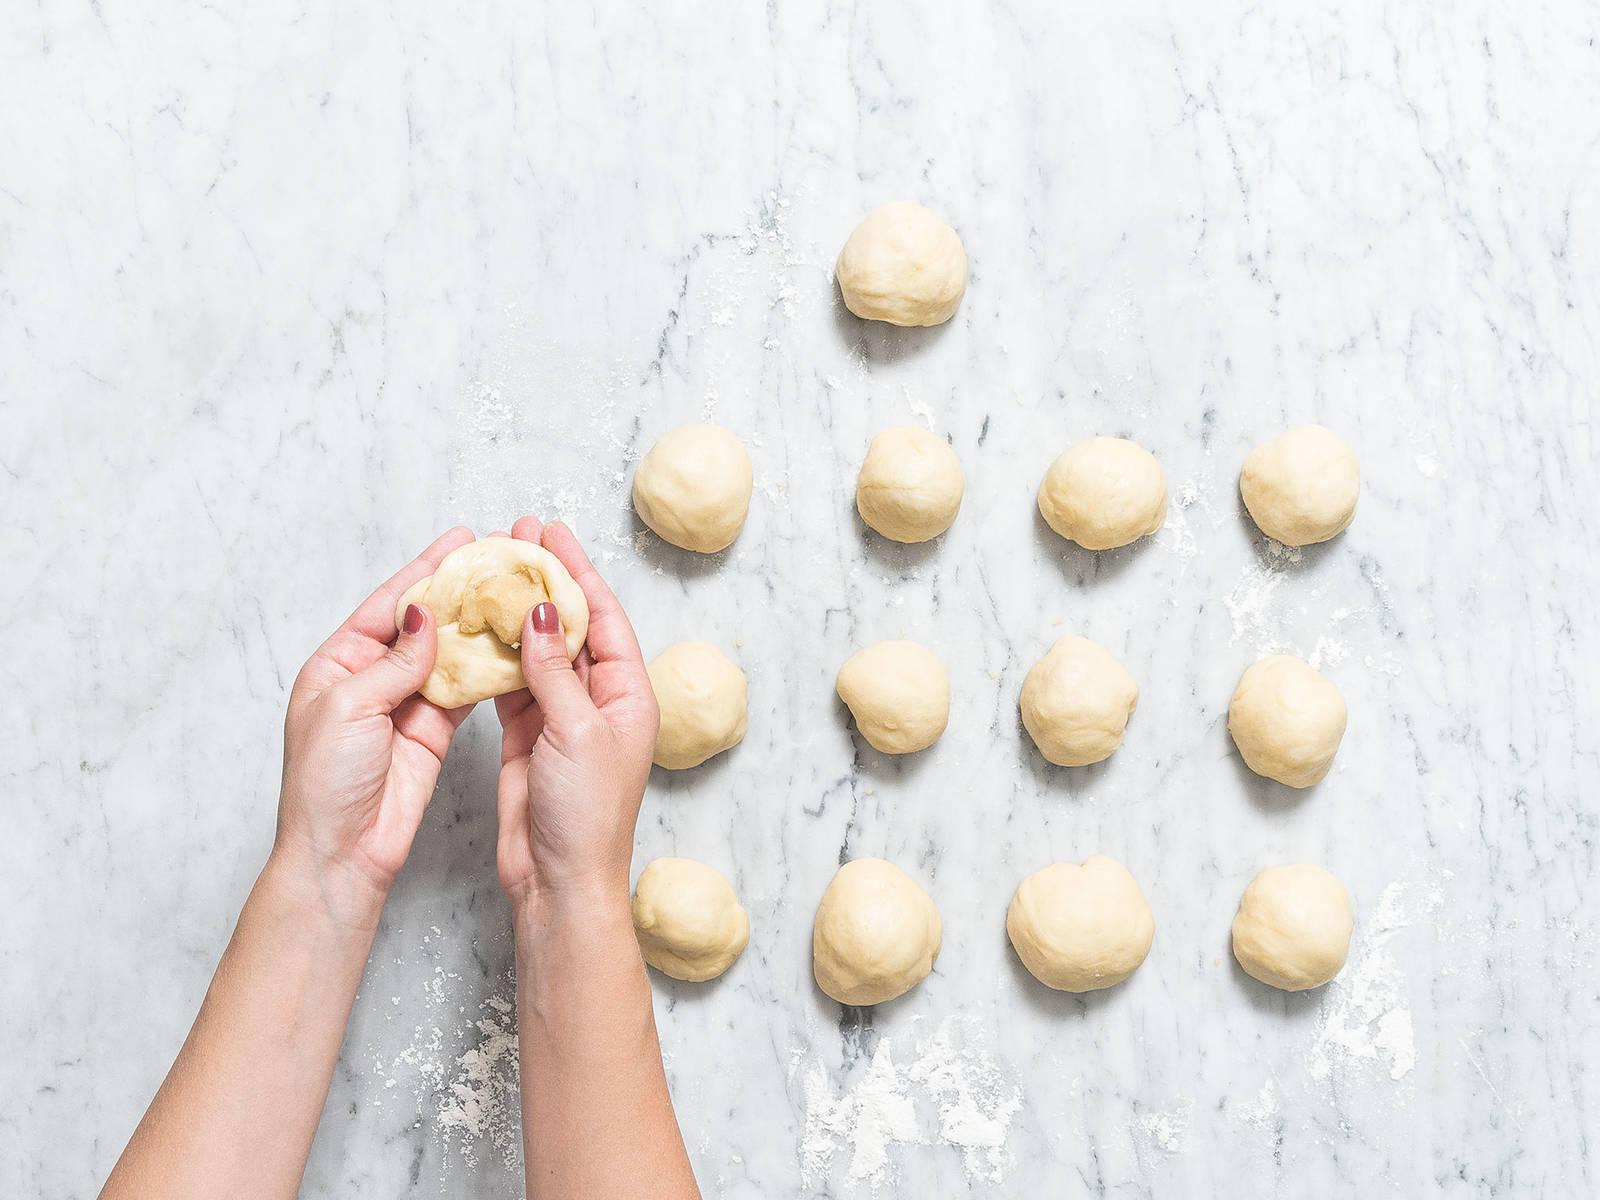 如有需要,可在两个烤盘中铺好烘焙纸,将烤箱预热至190℃。面团发酵好后,放到撒好面粉中的工作台上,分成多个小面球。稍微压平每个面球,在中间填入一汤匙杏仁蛋白软糖。密封好后,密封边朝下放到烤盘中,均匀放好,中间留下空隙。盖上湿润的厨房毛巾,静置发酵30分钟。